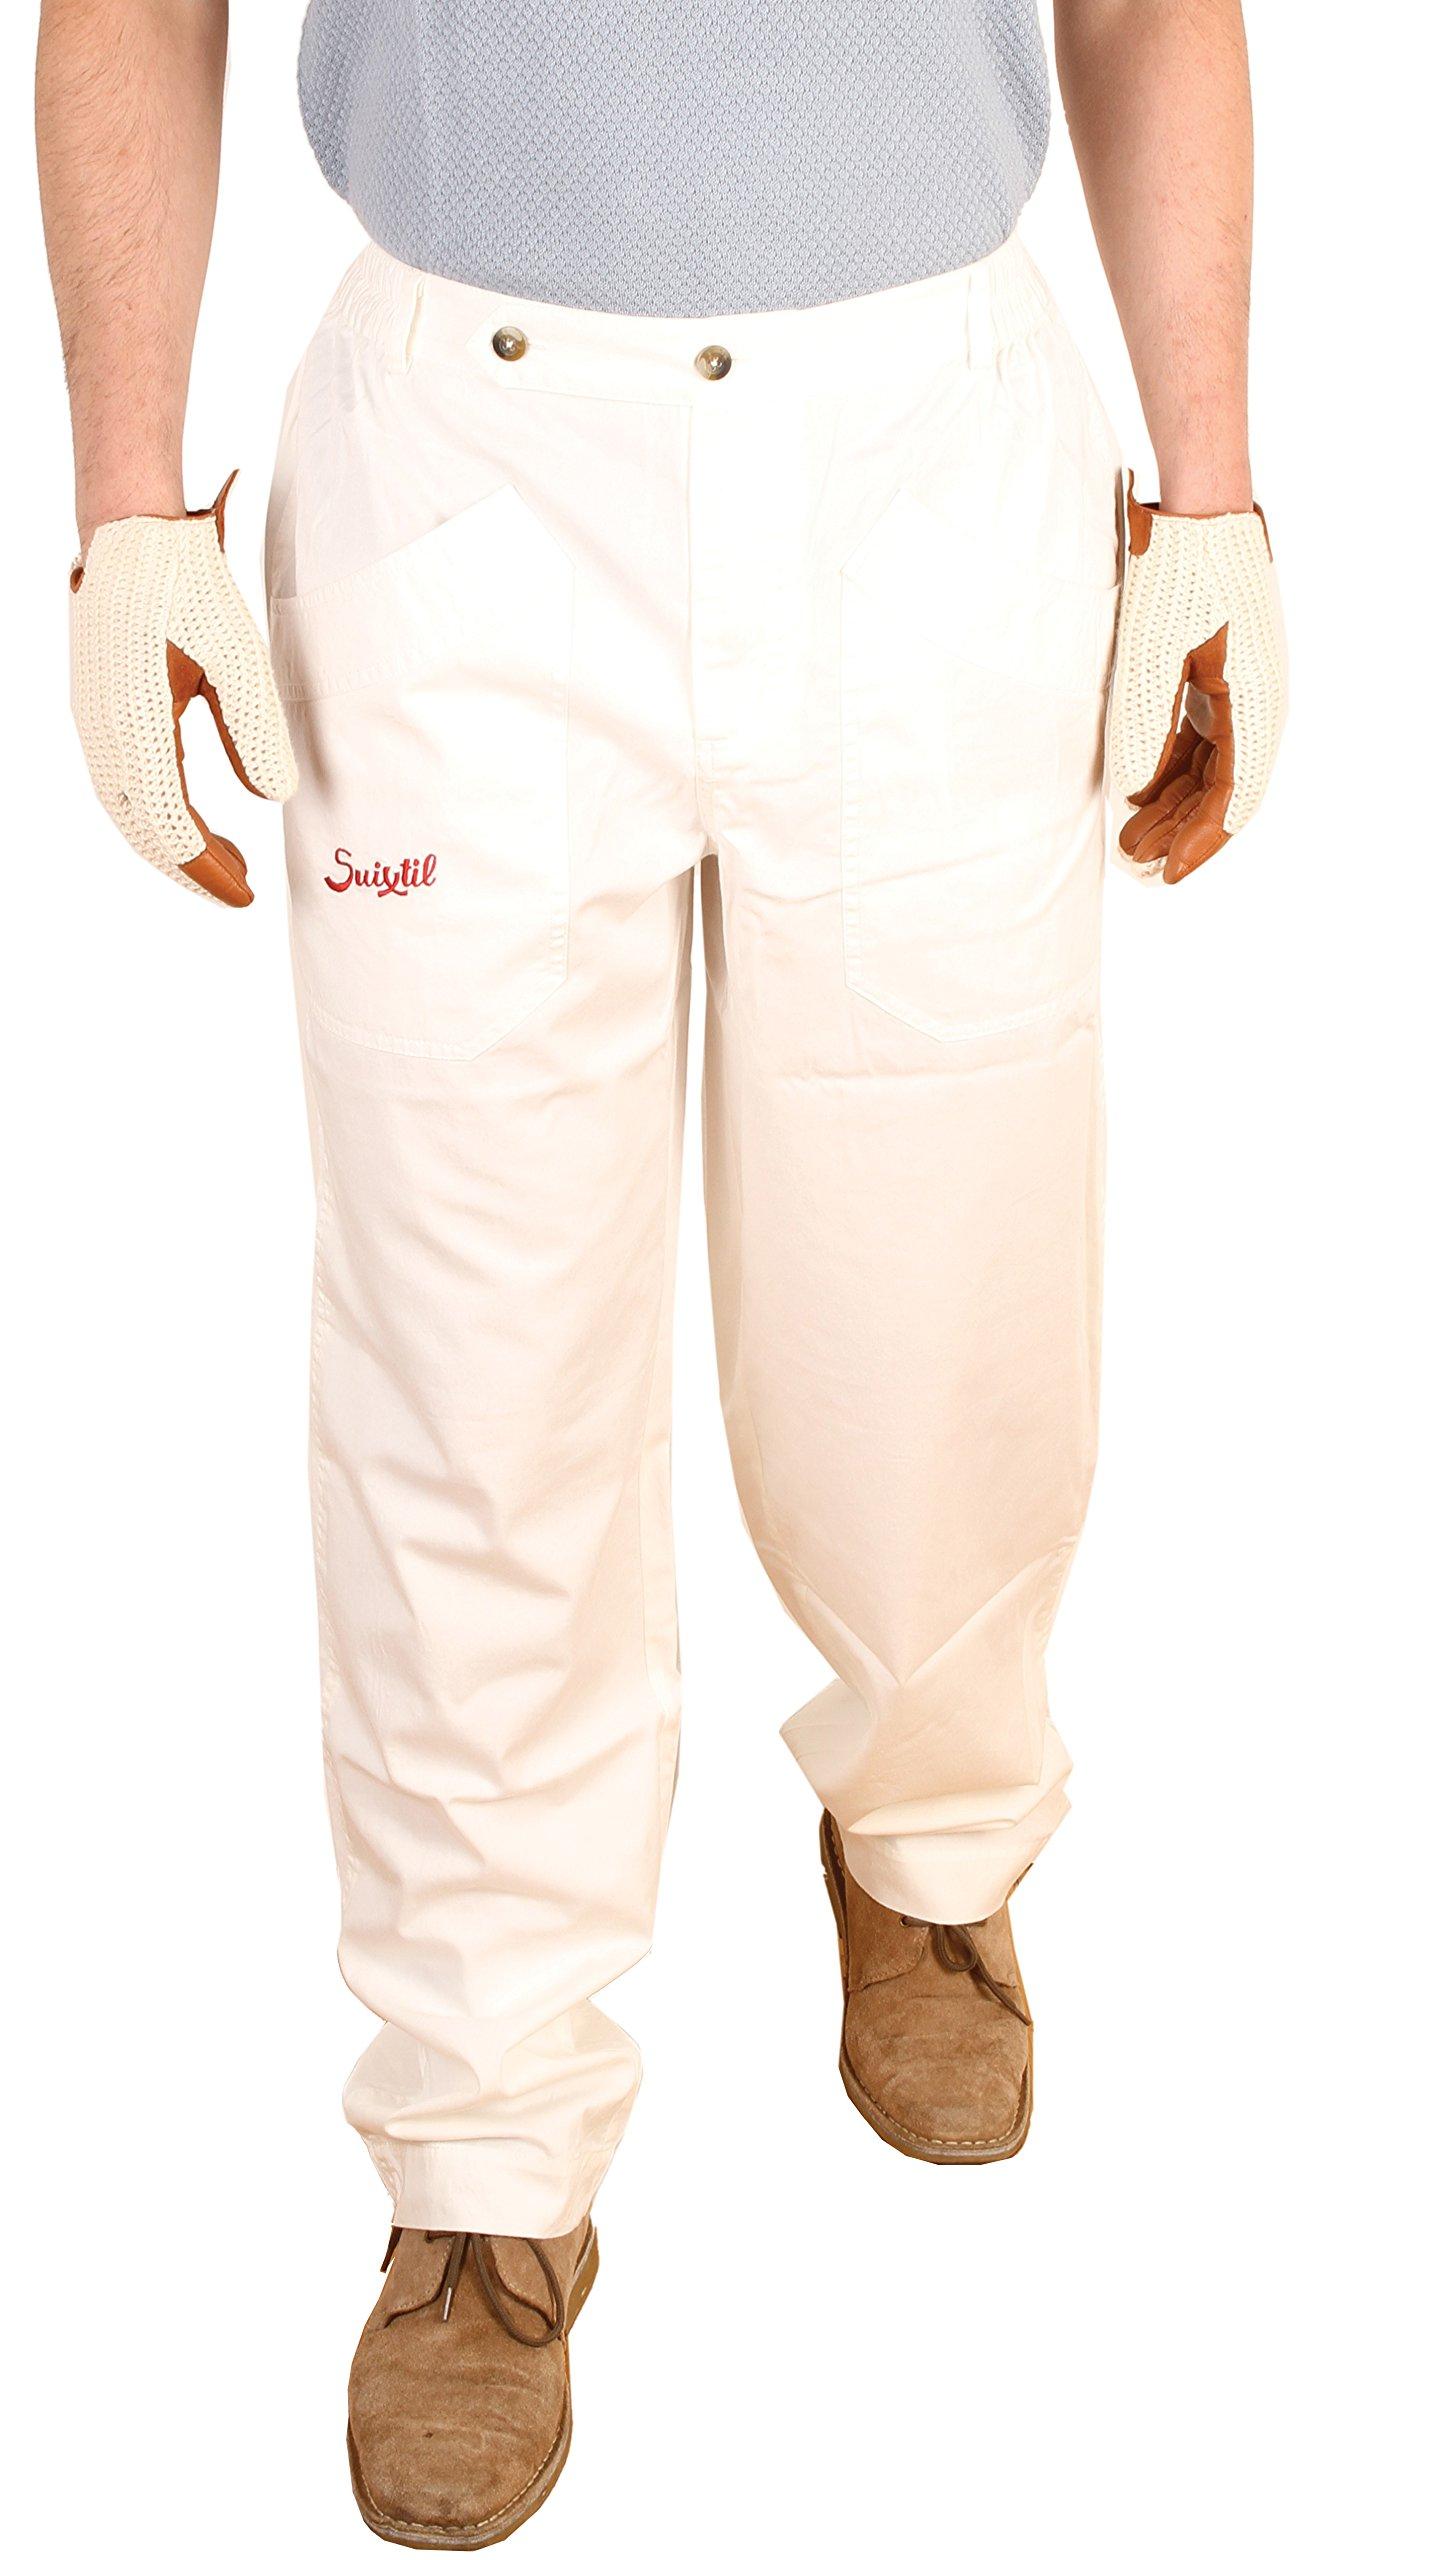 Suixtil Men's 100% Fine Cotton Twill Modena Race Pant, White, 34/34